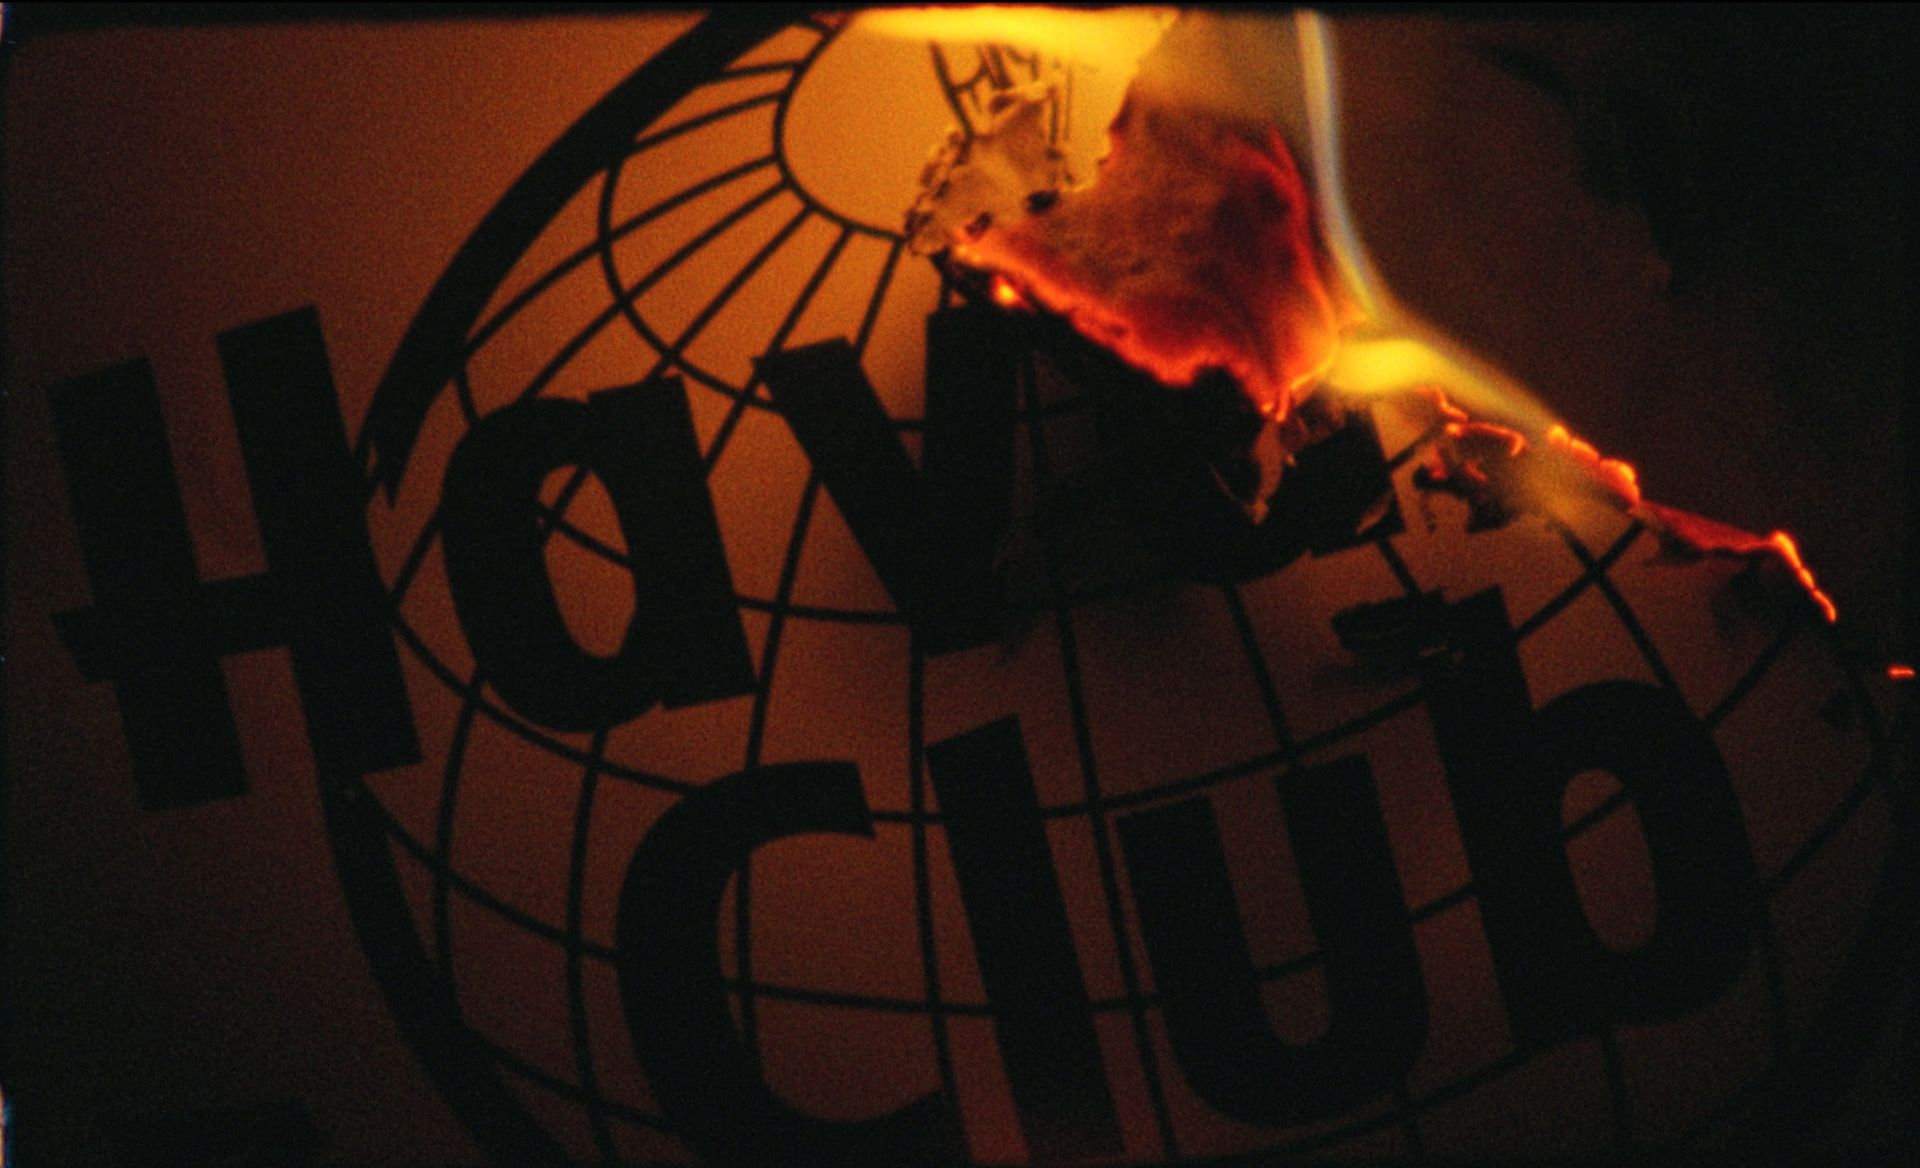 Logo de Havana Club en feu.